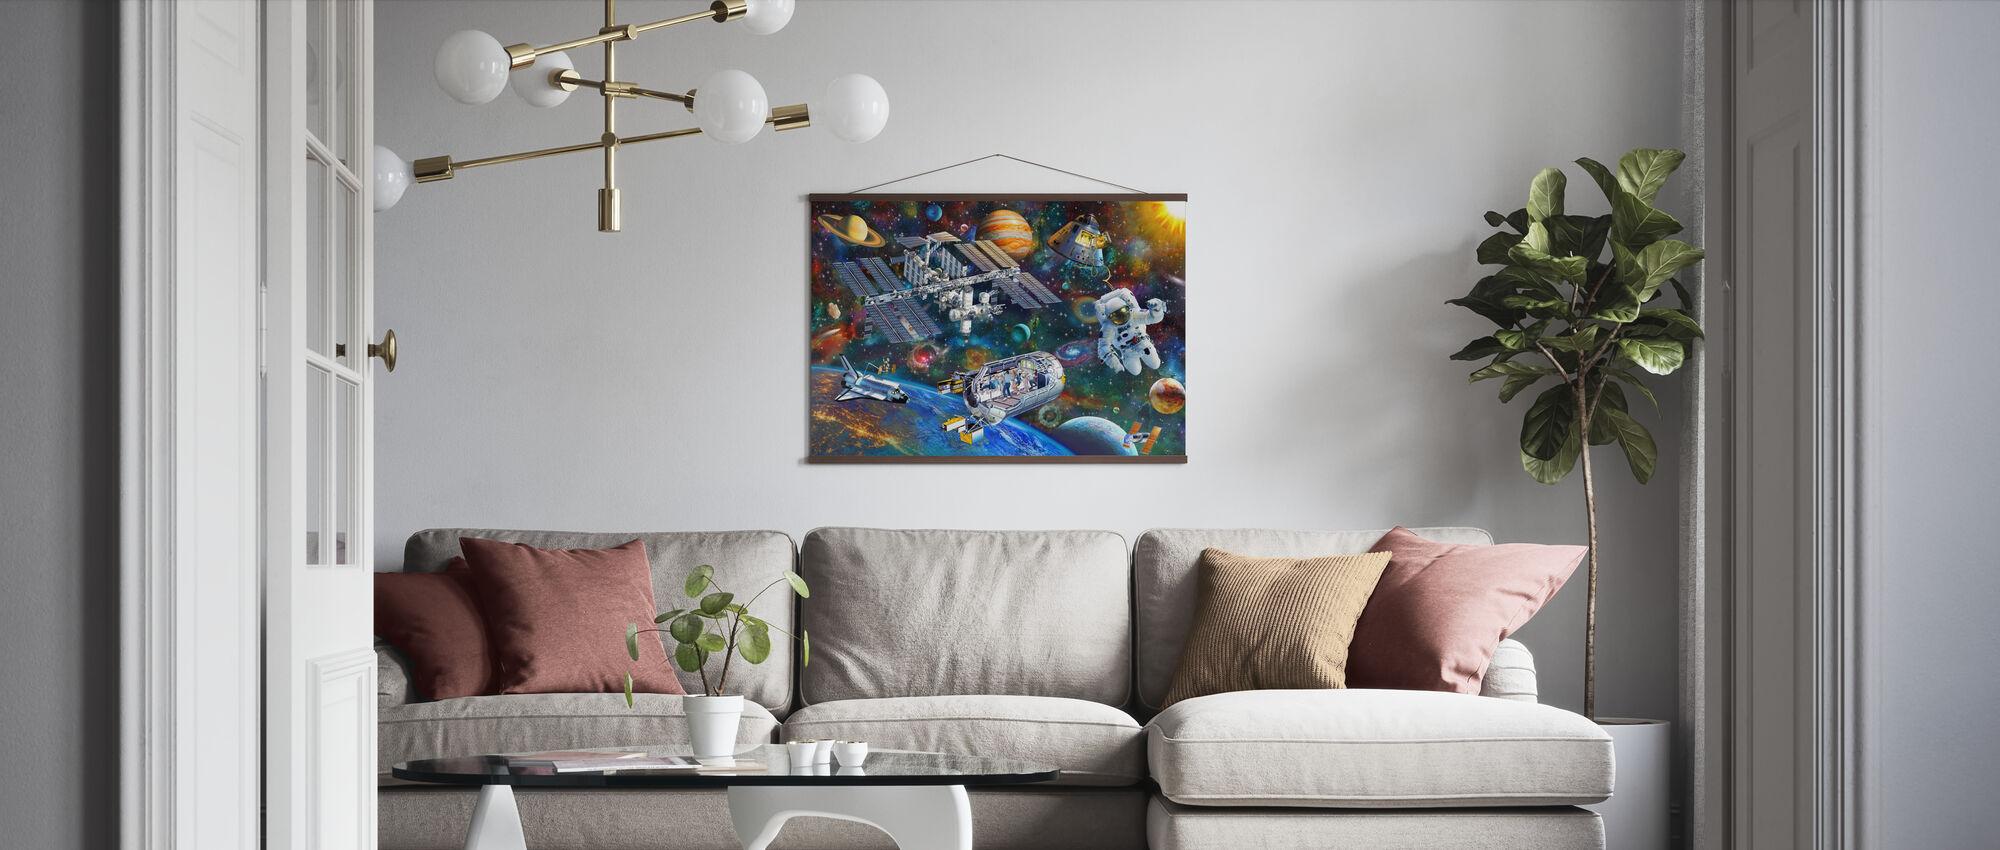 Raumstation - Poster - Wohnzimmer